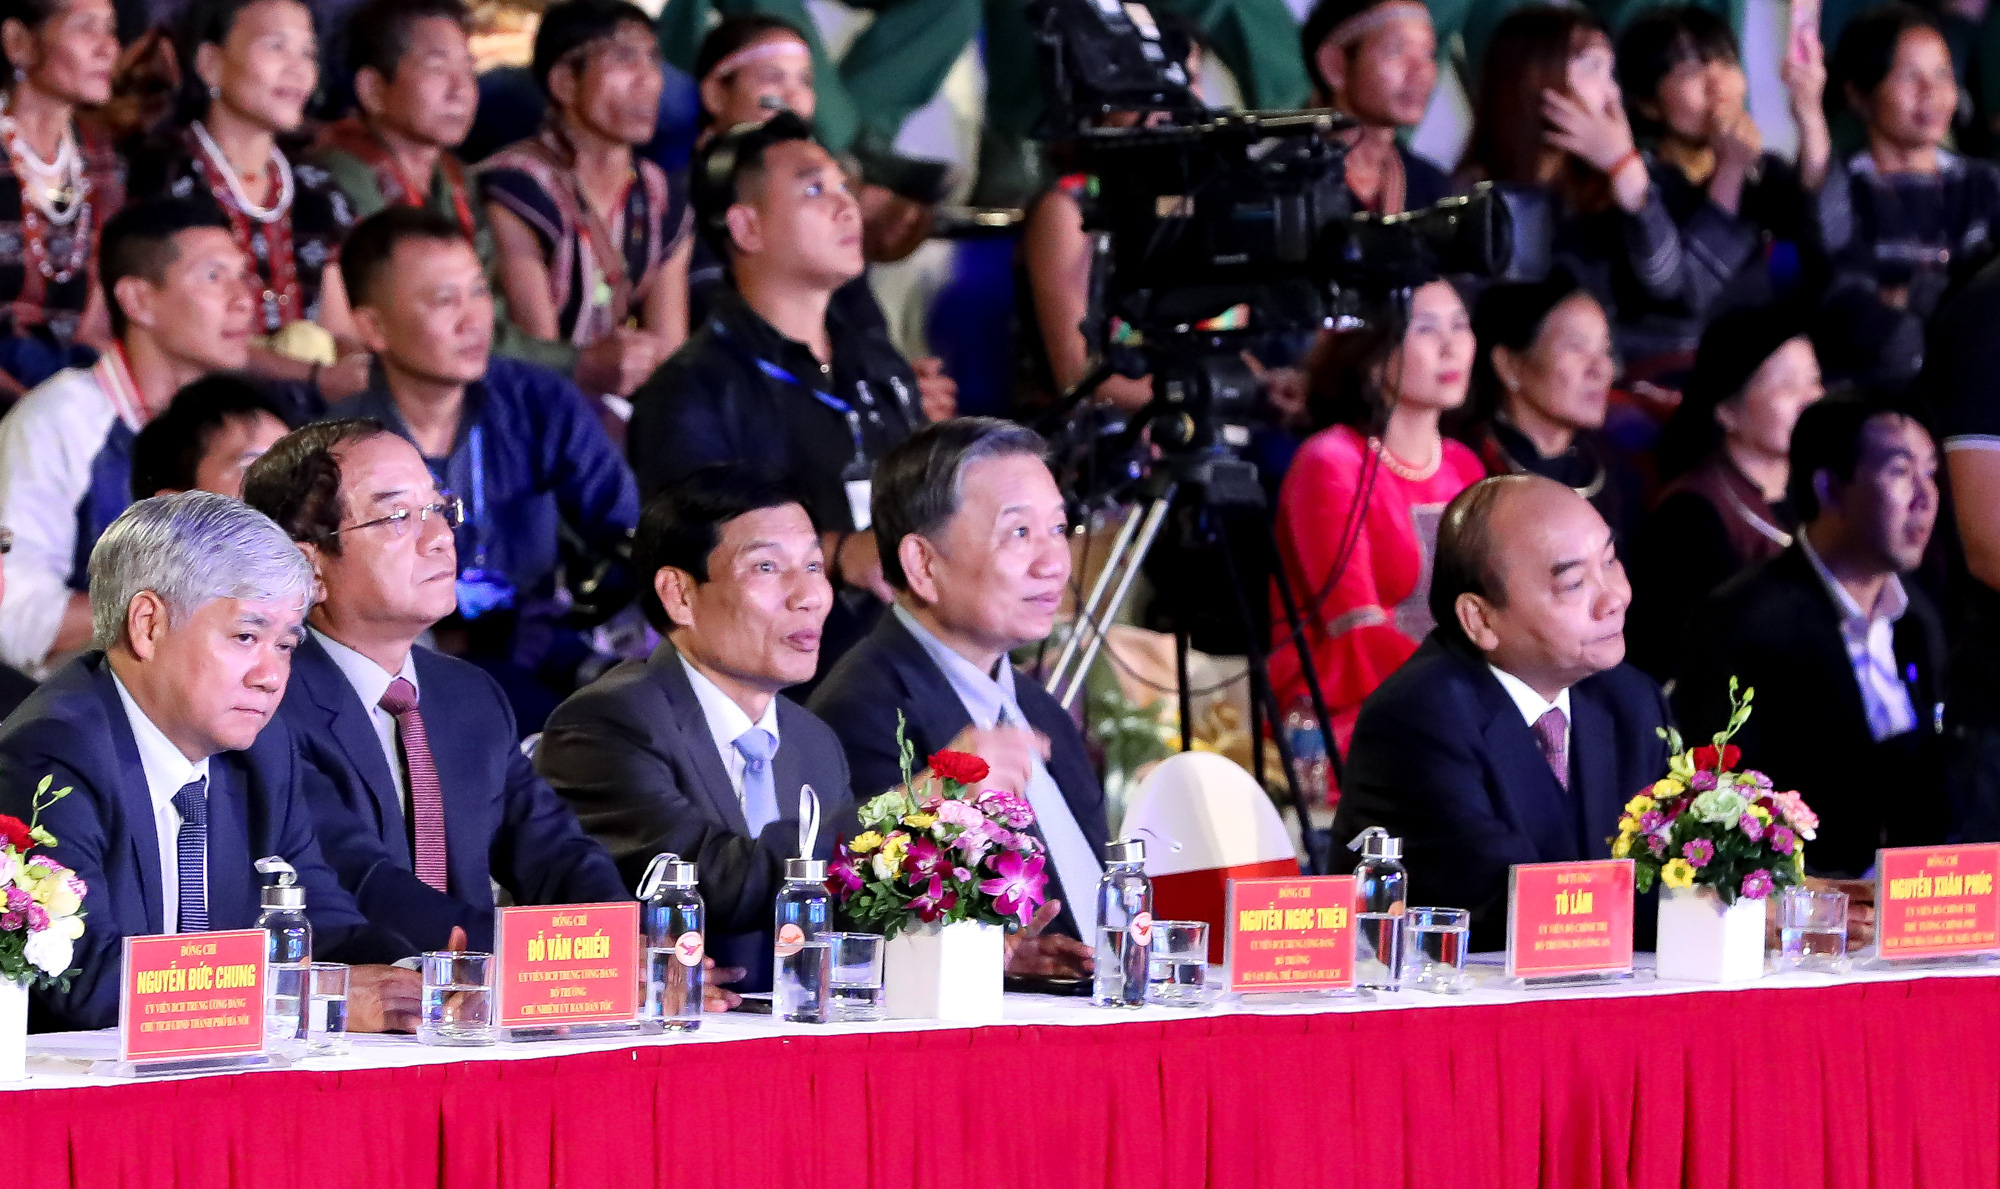 """Thủ tướng Nguyễn Xuân Phúc: """"Truyền thống đại đoàn kết, trên dưới một lòng đã làm nên sức mạnh vô bờ bến cho dân tộc Việt Nam""""  - Ảnh 2."""